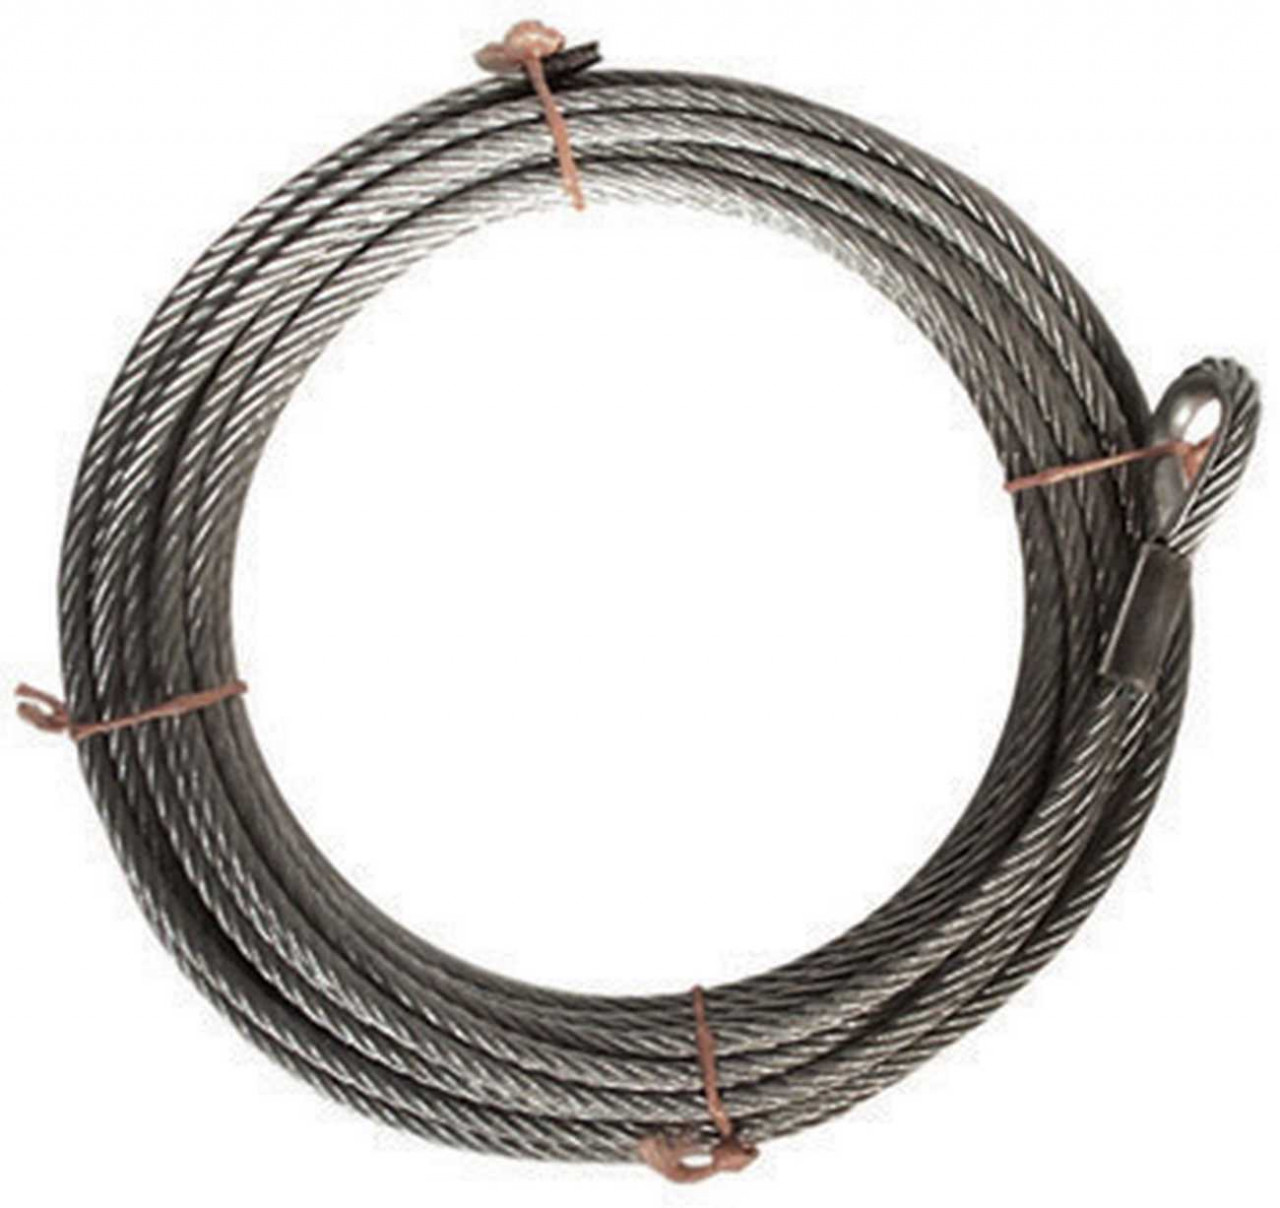 Tragseil, Stahlseil, für Seilbahn, nach DIN EN 1176, 35 m lang